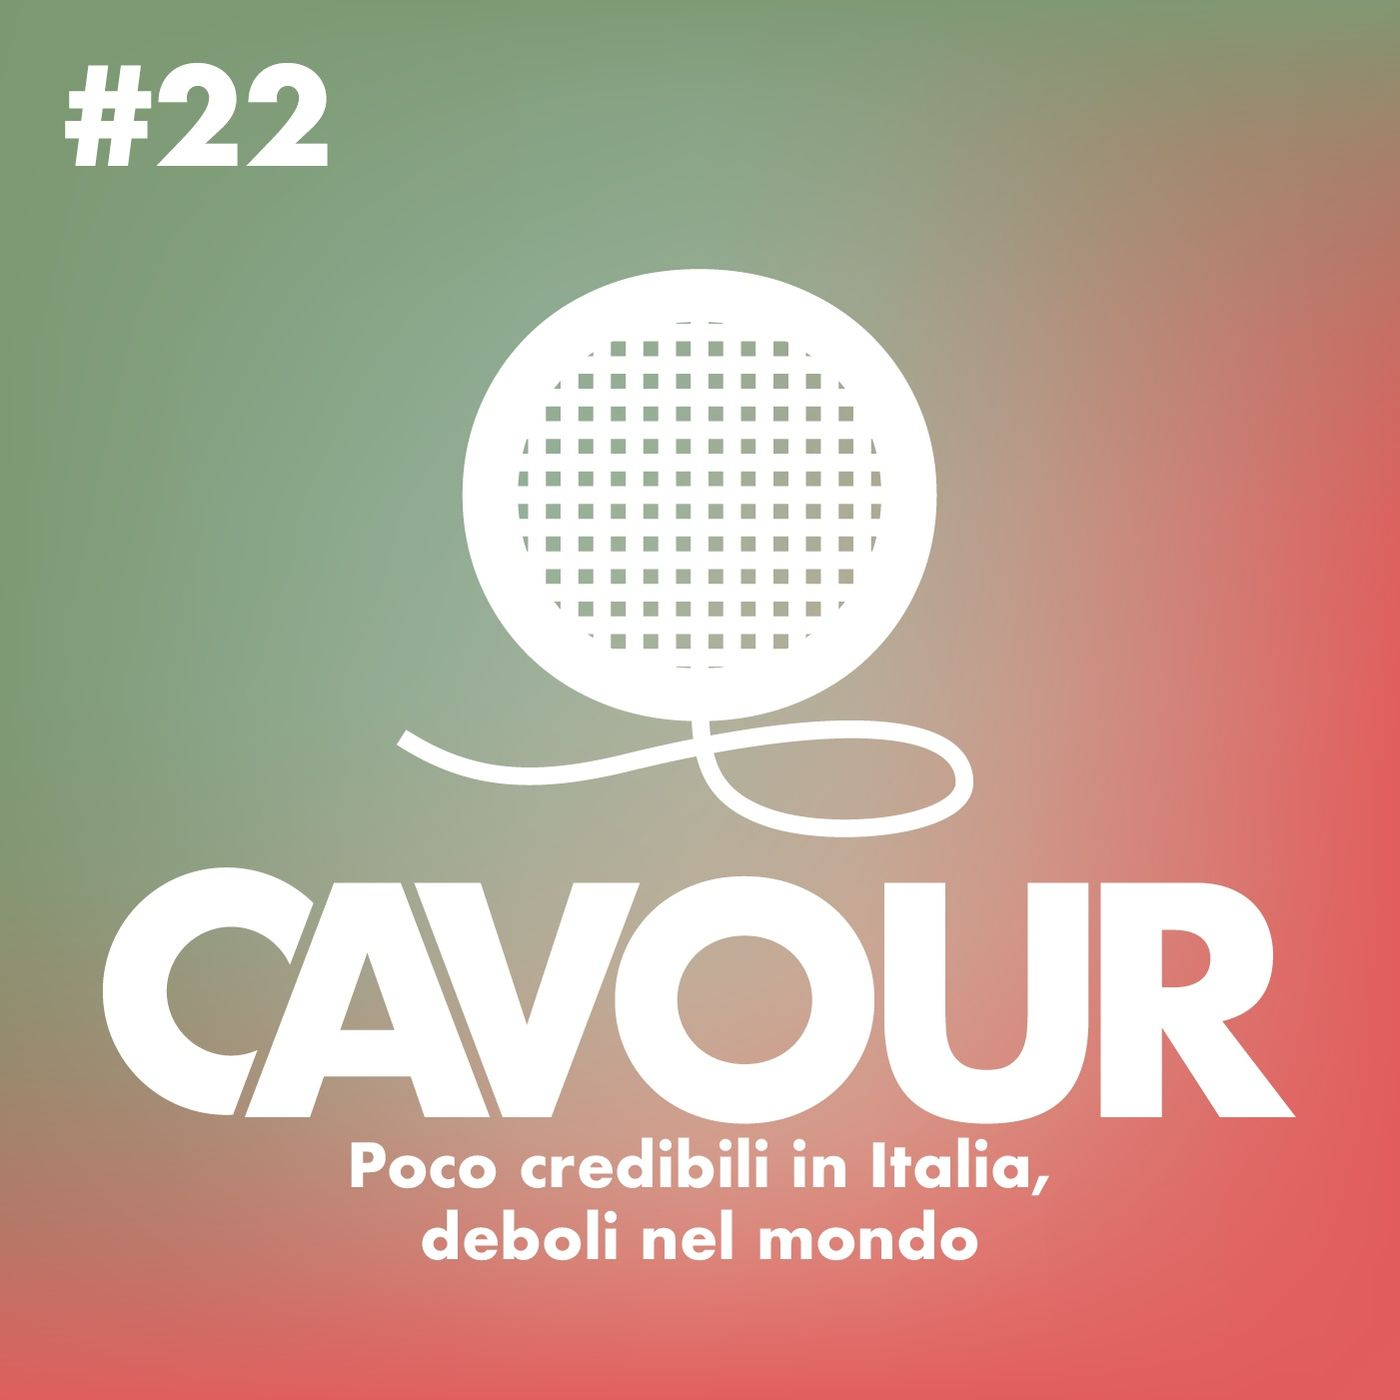 Poco credibili in Italia, deboli nel mondo #22